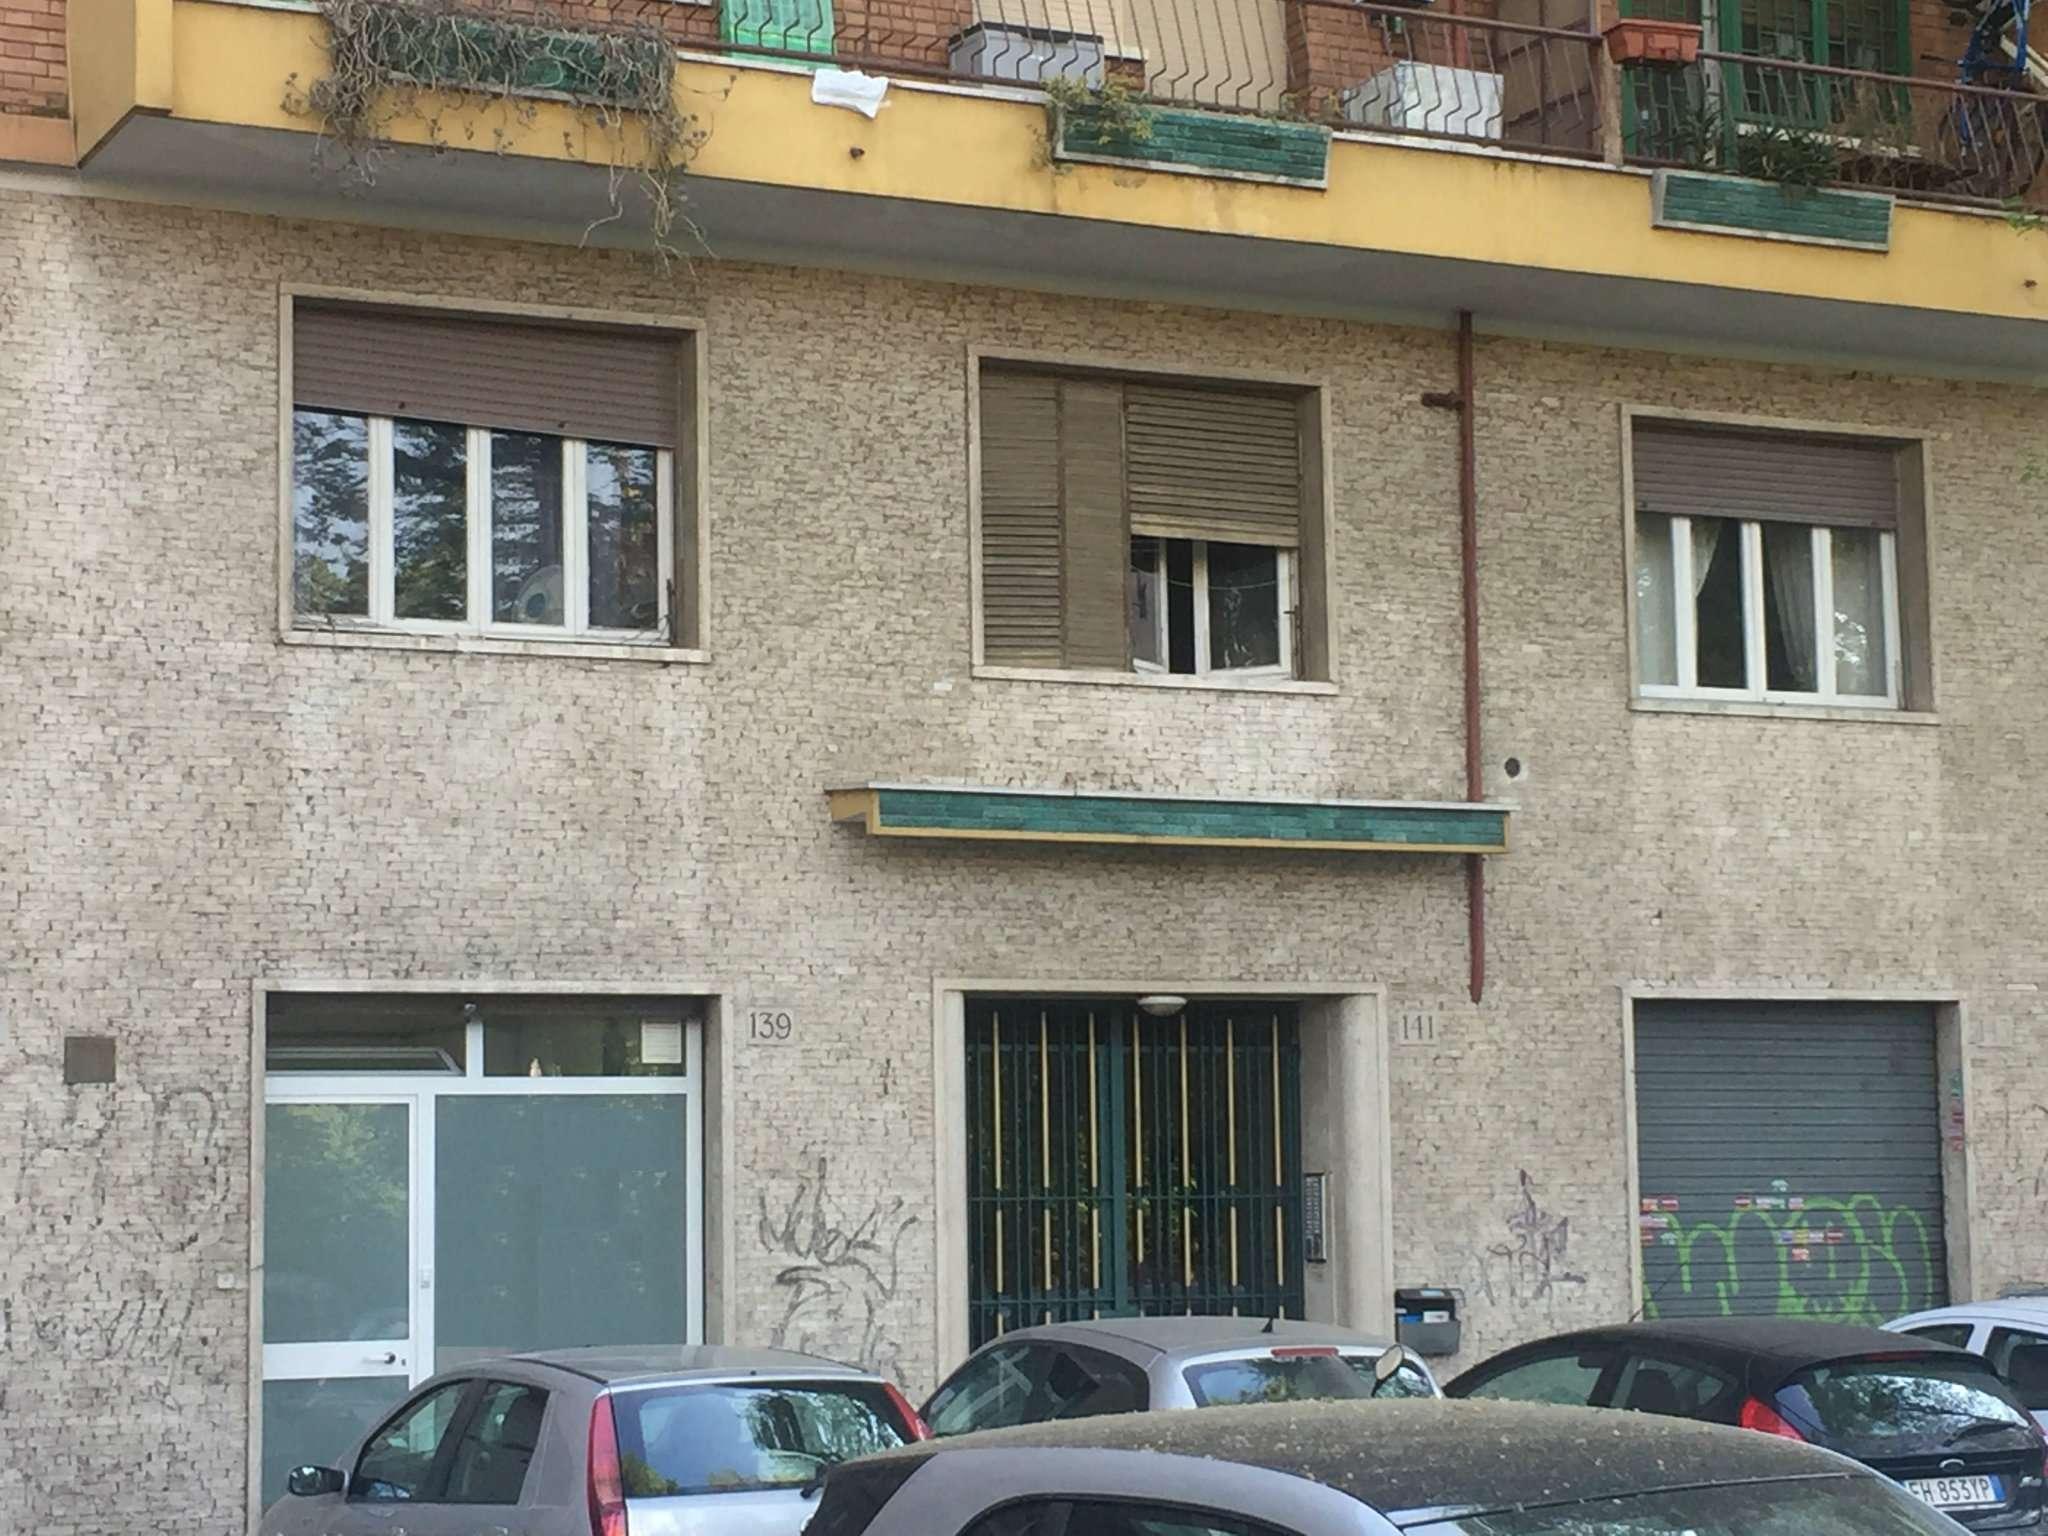 Negozi e locali antifurto in affitto a roma for Affitto locali commerciali roma nord